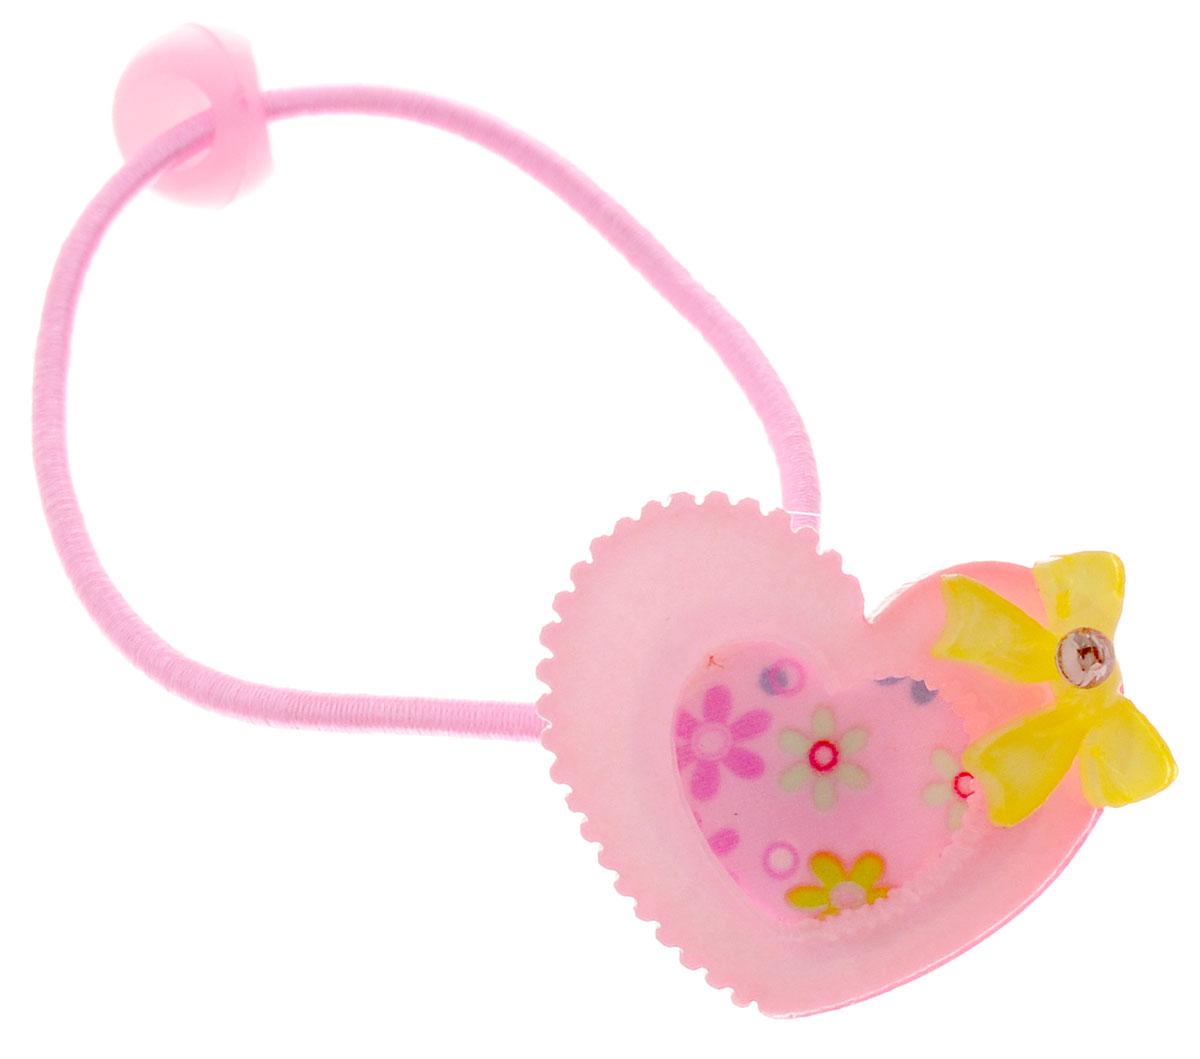 Fashion House Резинка для волос Сердечко 2 штFH27910_розово-желтыйРезинка для волос Fashion House Сердечко позволит украсить прическу вашей малышки и доставит ей много удовольствия. Резинка украшена декоративным элементом в виде розовых сердечек и желтых бантиков. Комплект включает две резинки.